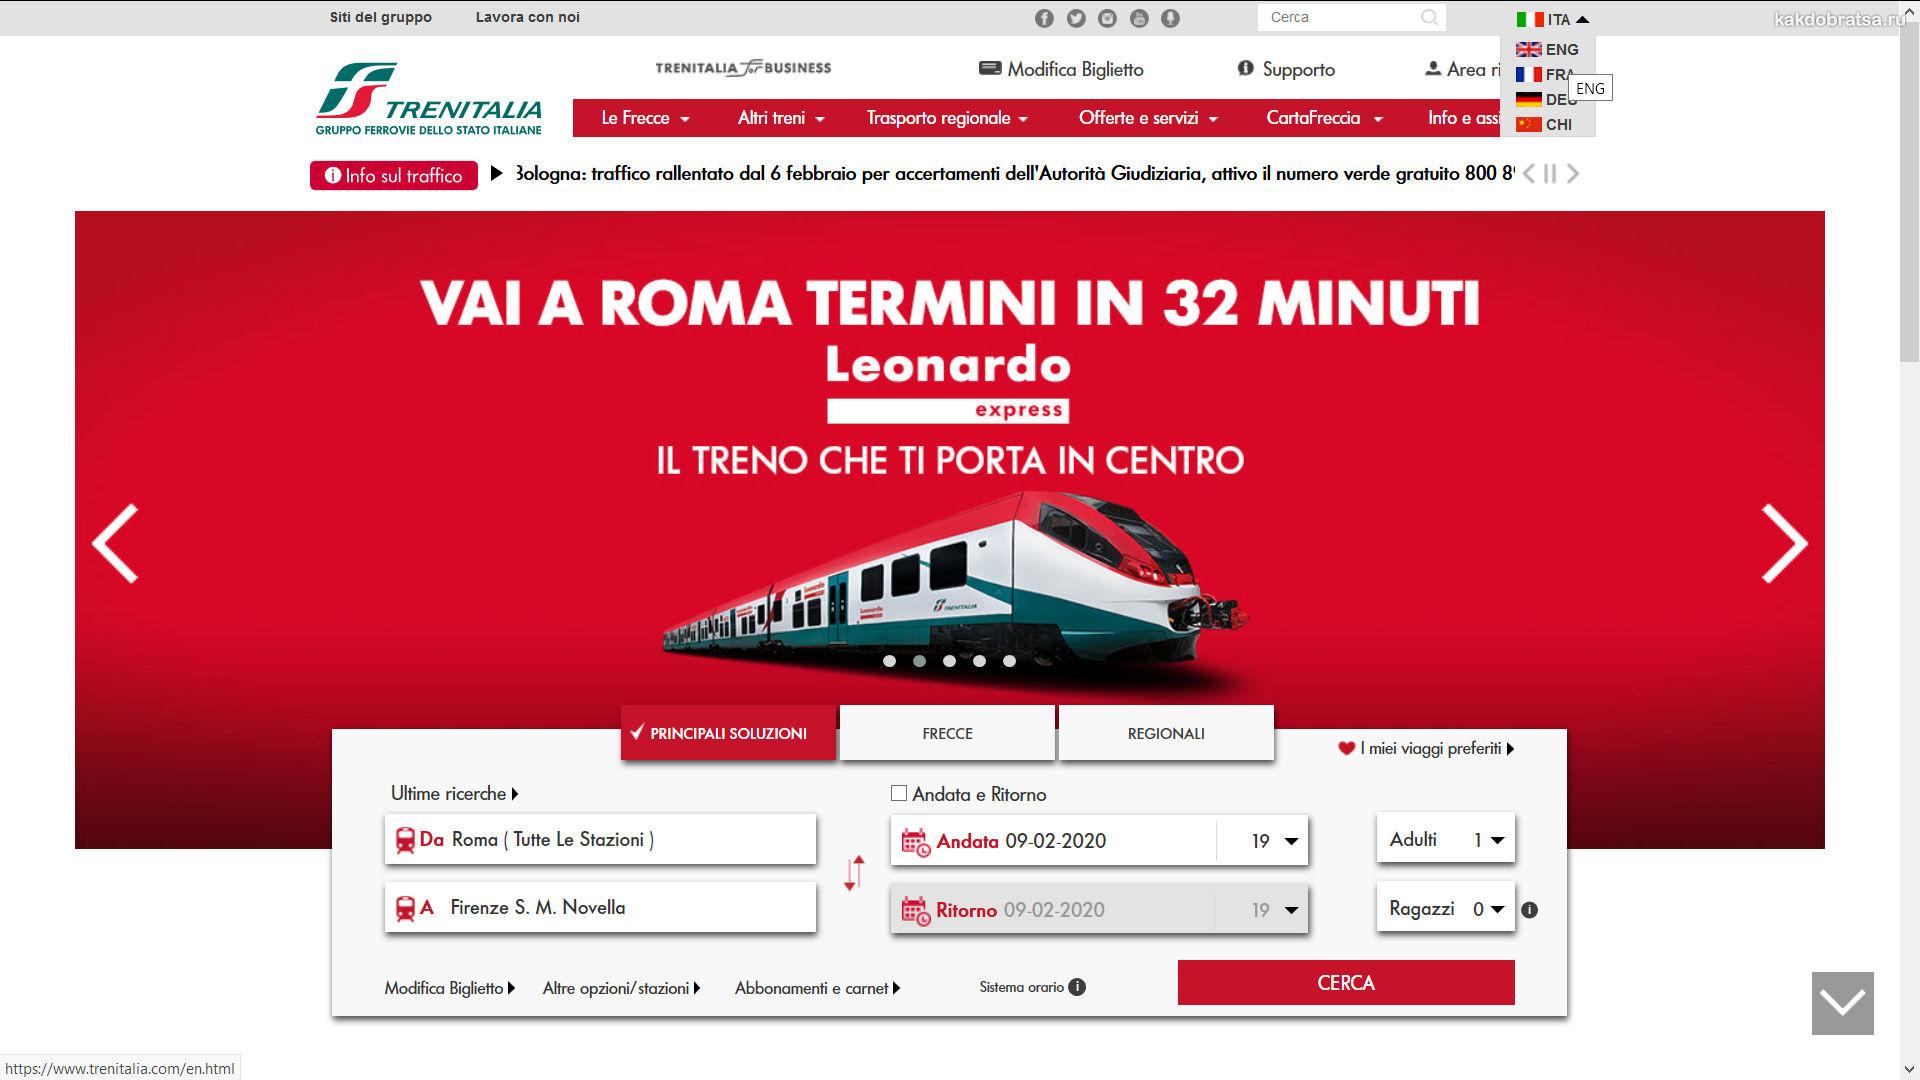 Как купить билет на поезд в Италии онлайн шаг 1